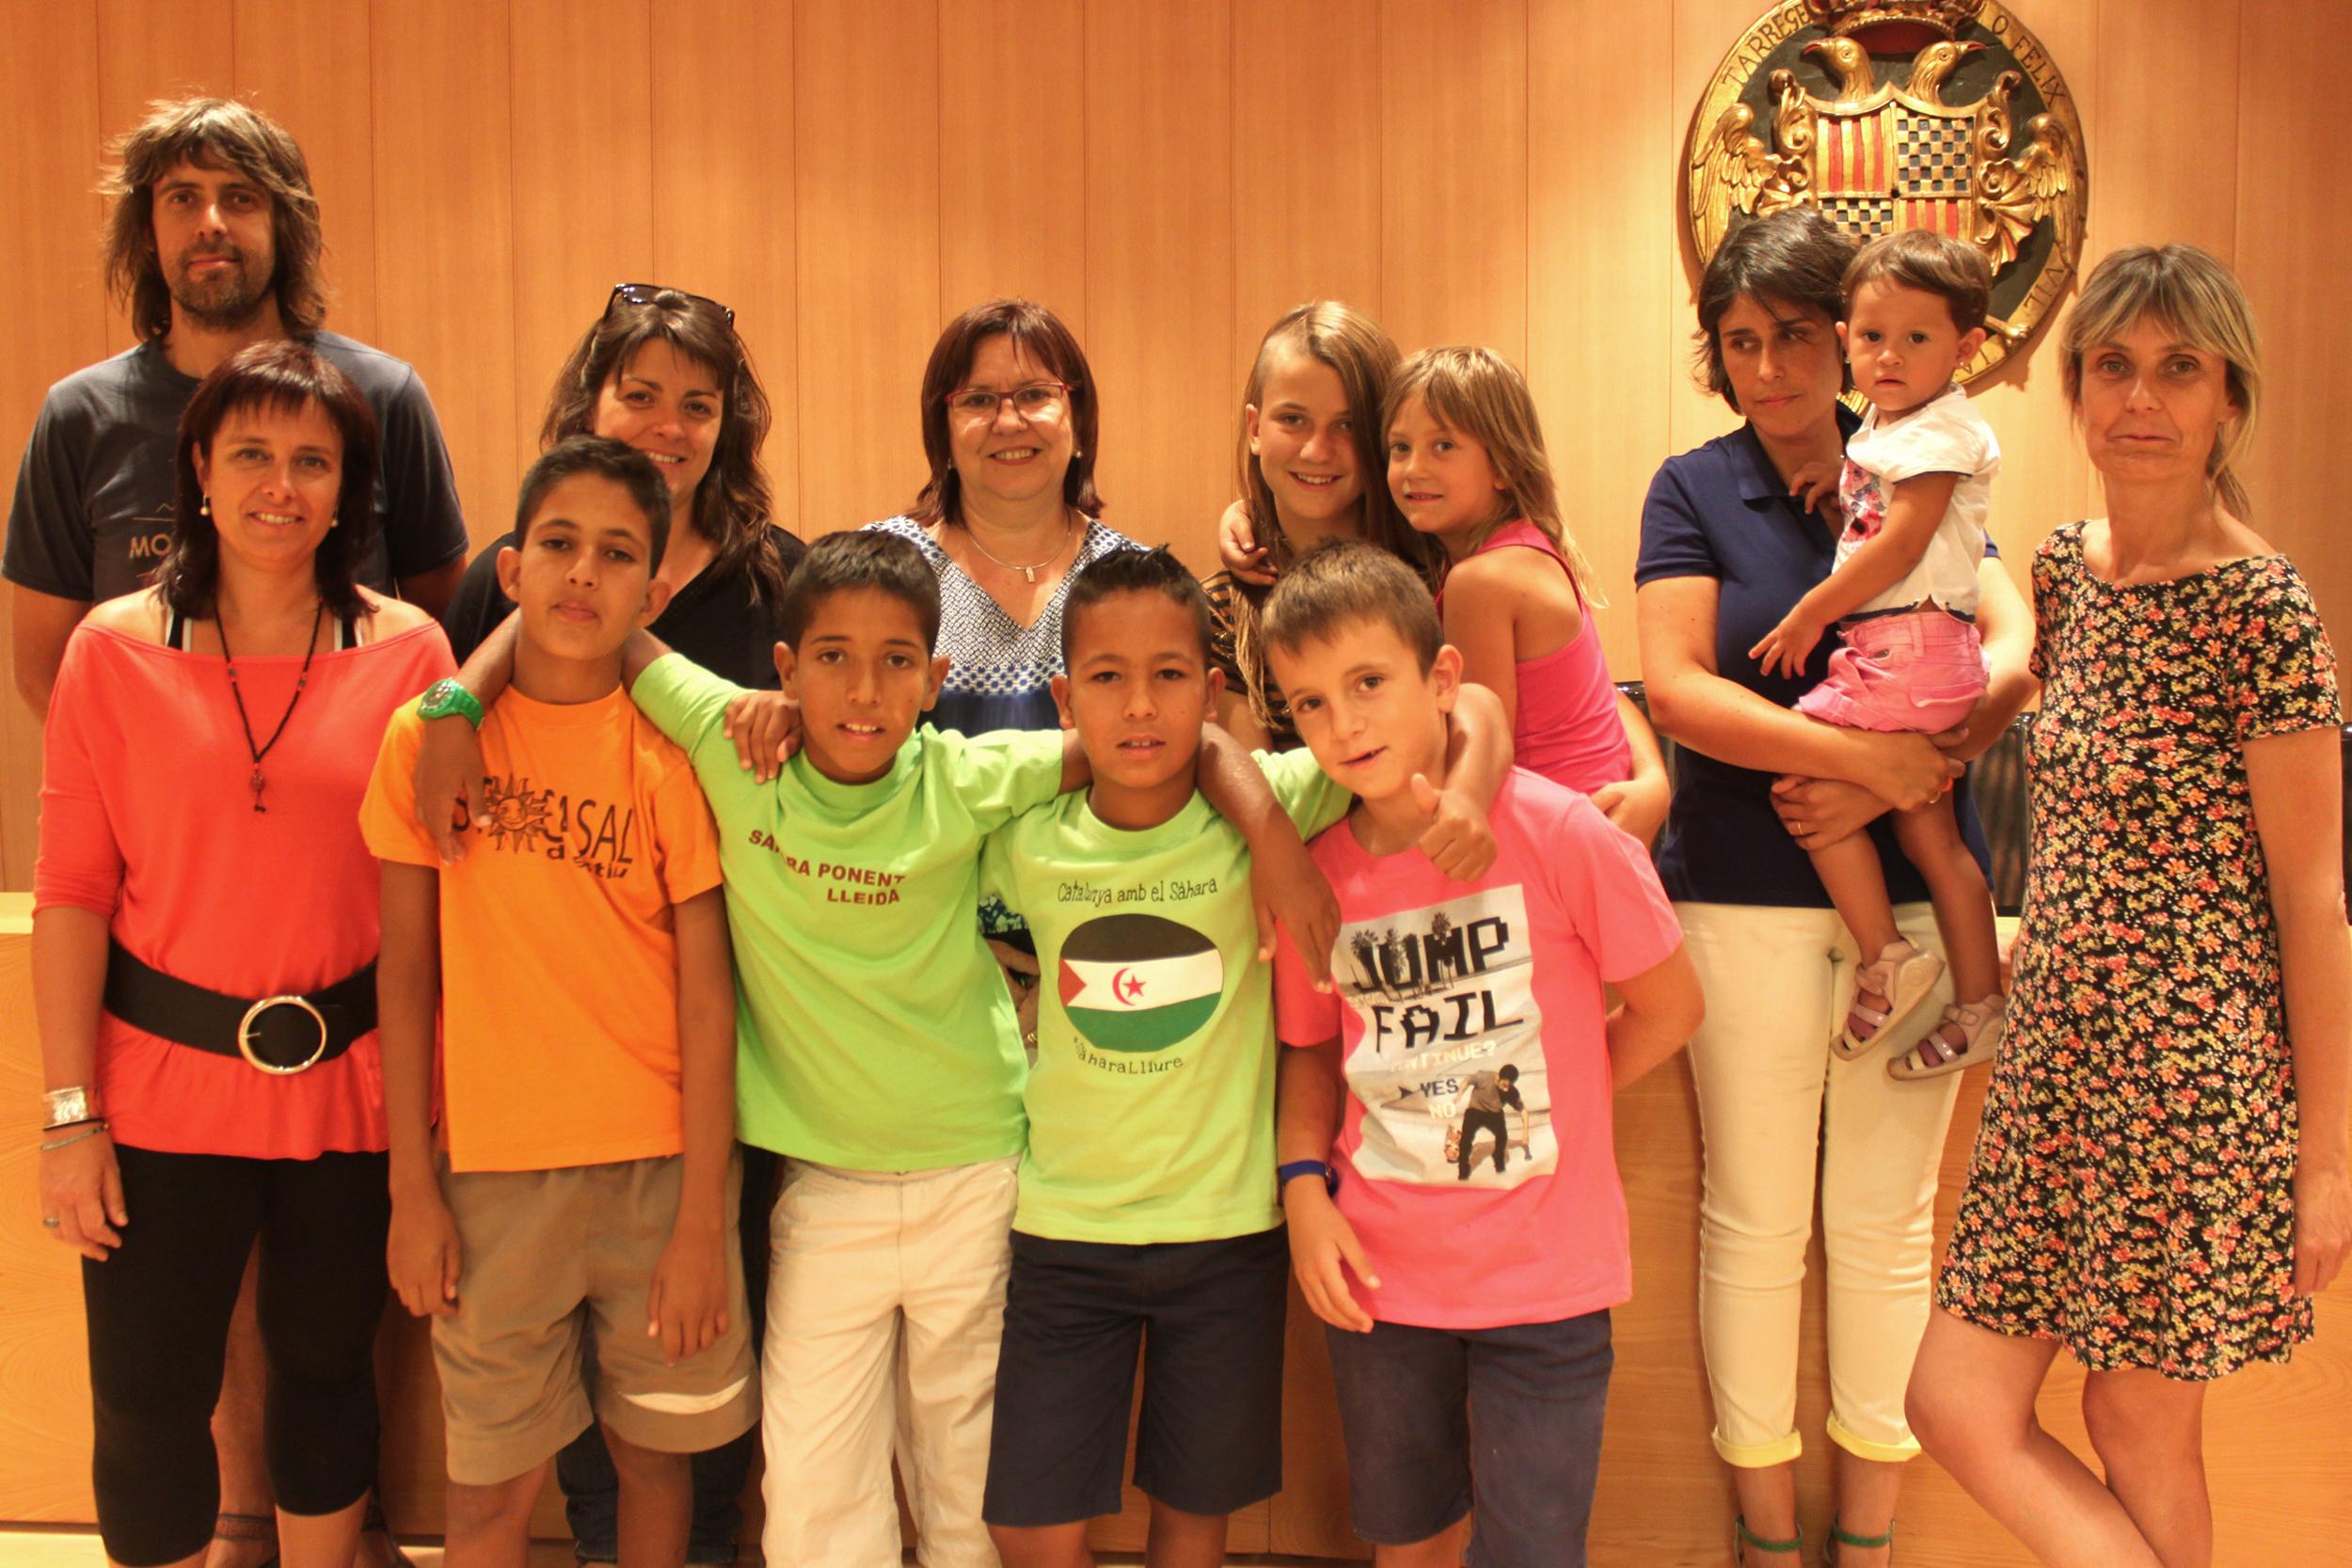 Visita d'infants sahrauís a la Casa Consistorial de Tàrrega